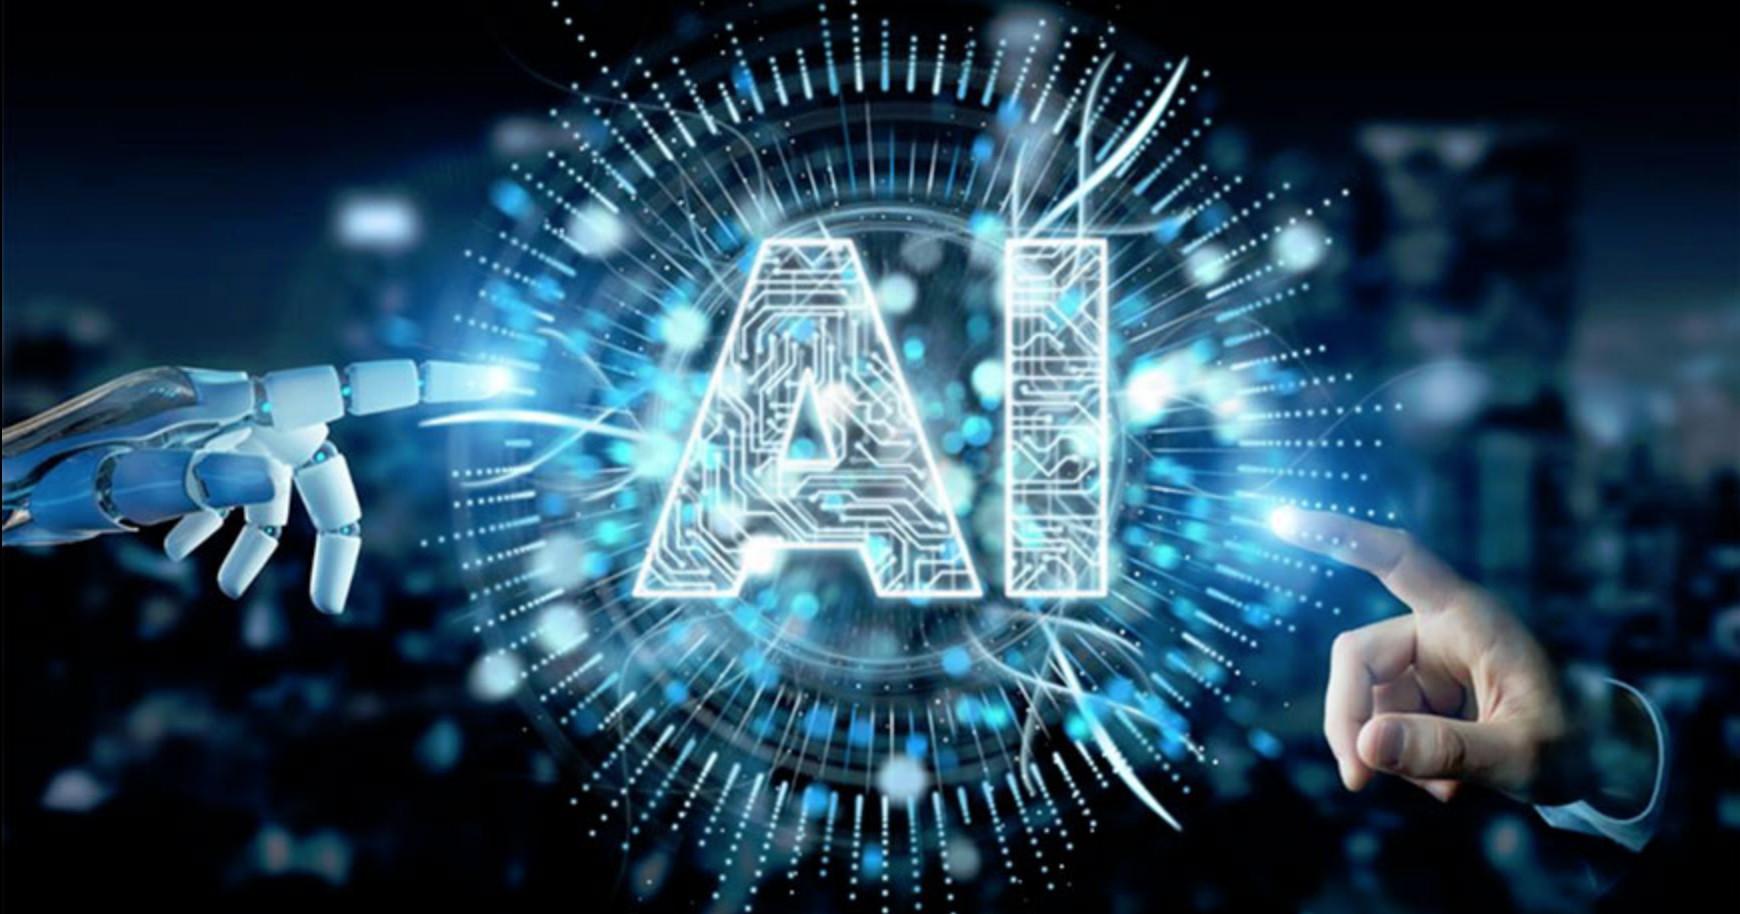 Phát triển công nghệ trí tuệ nhân tạo